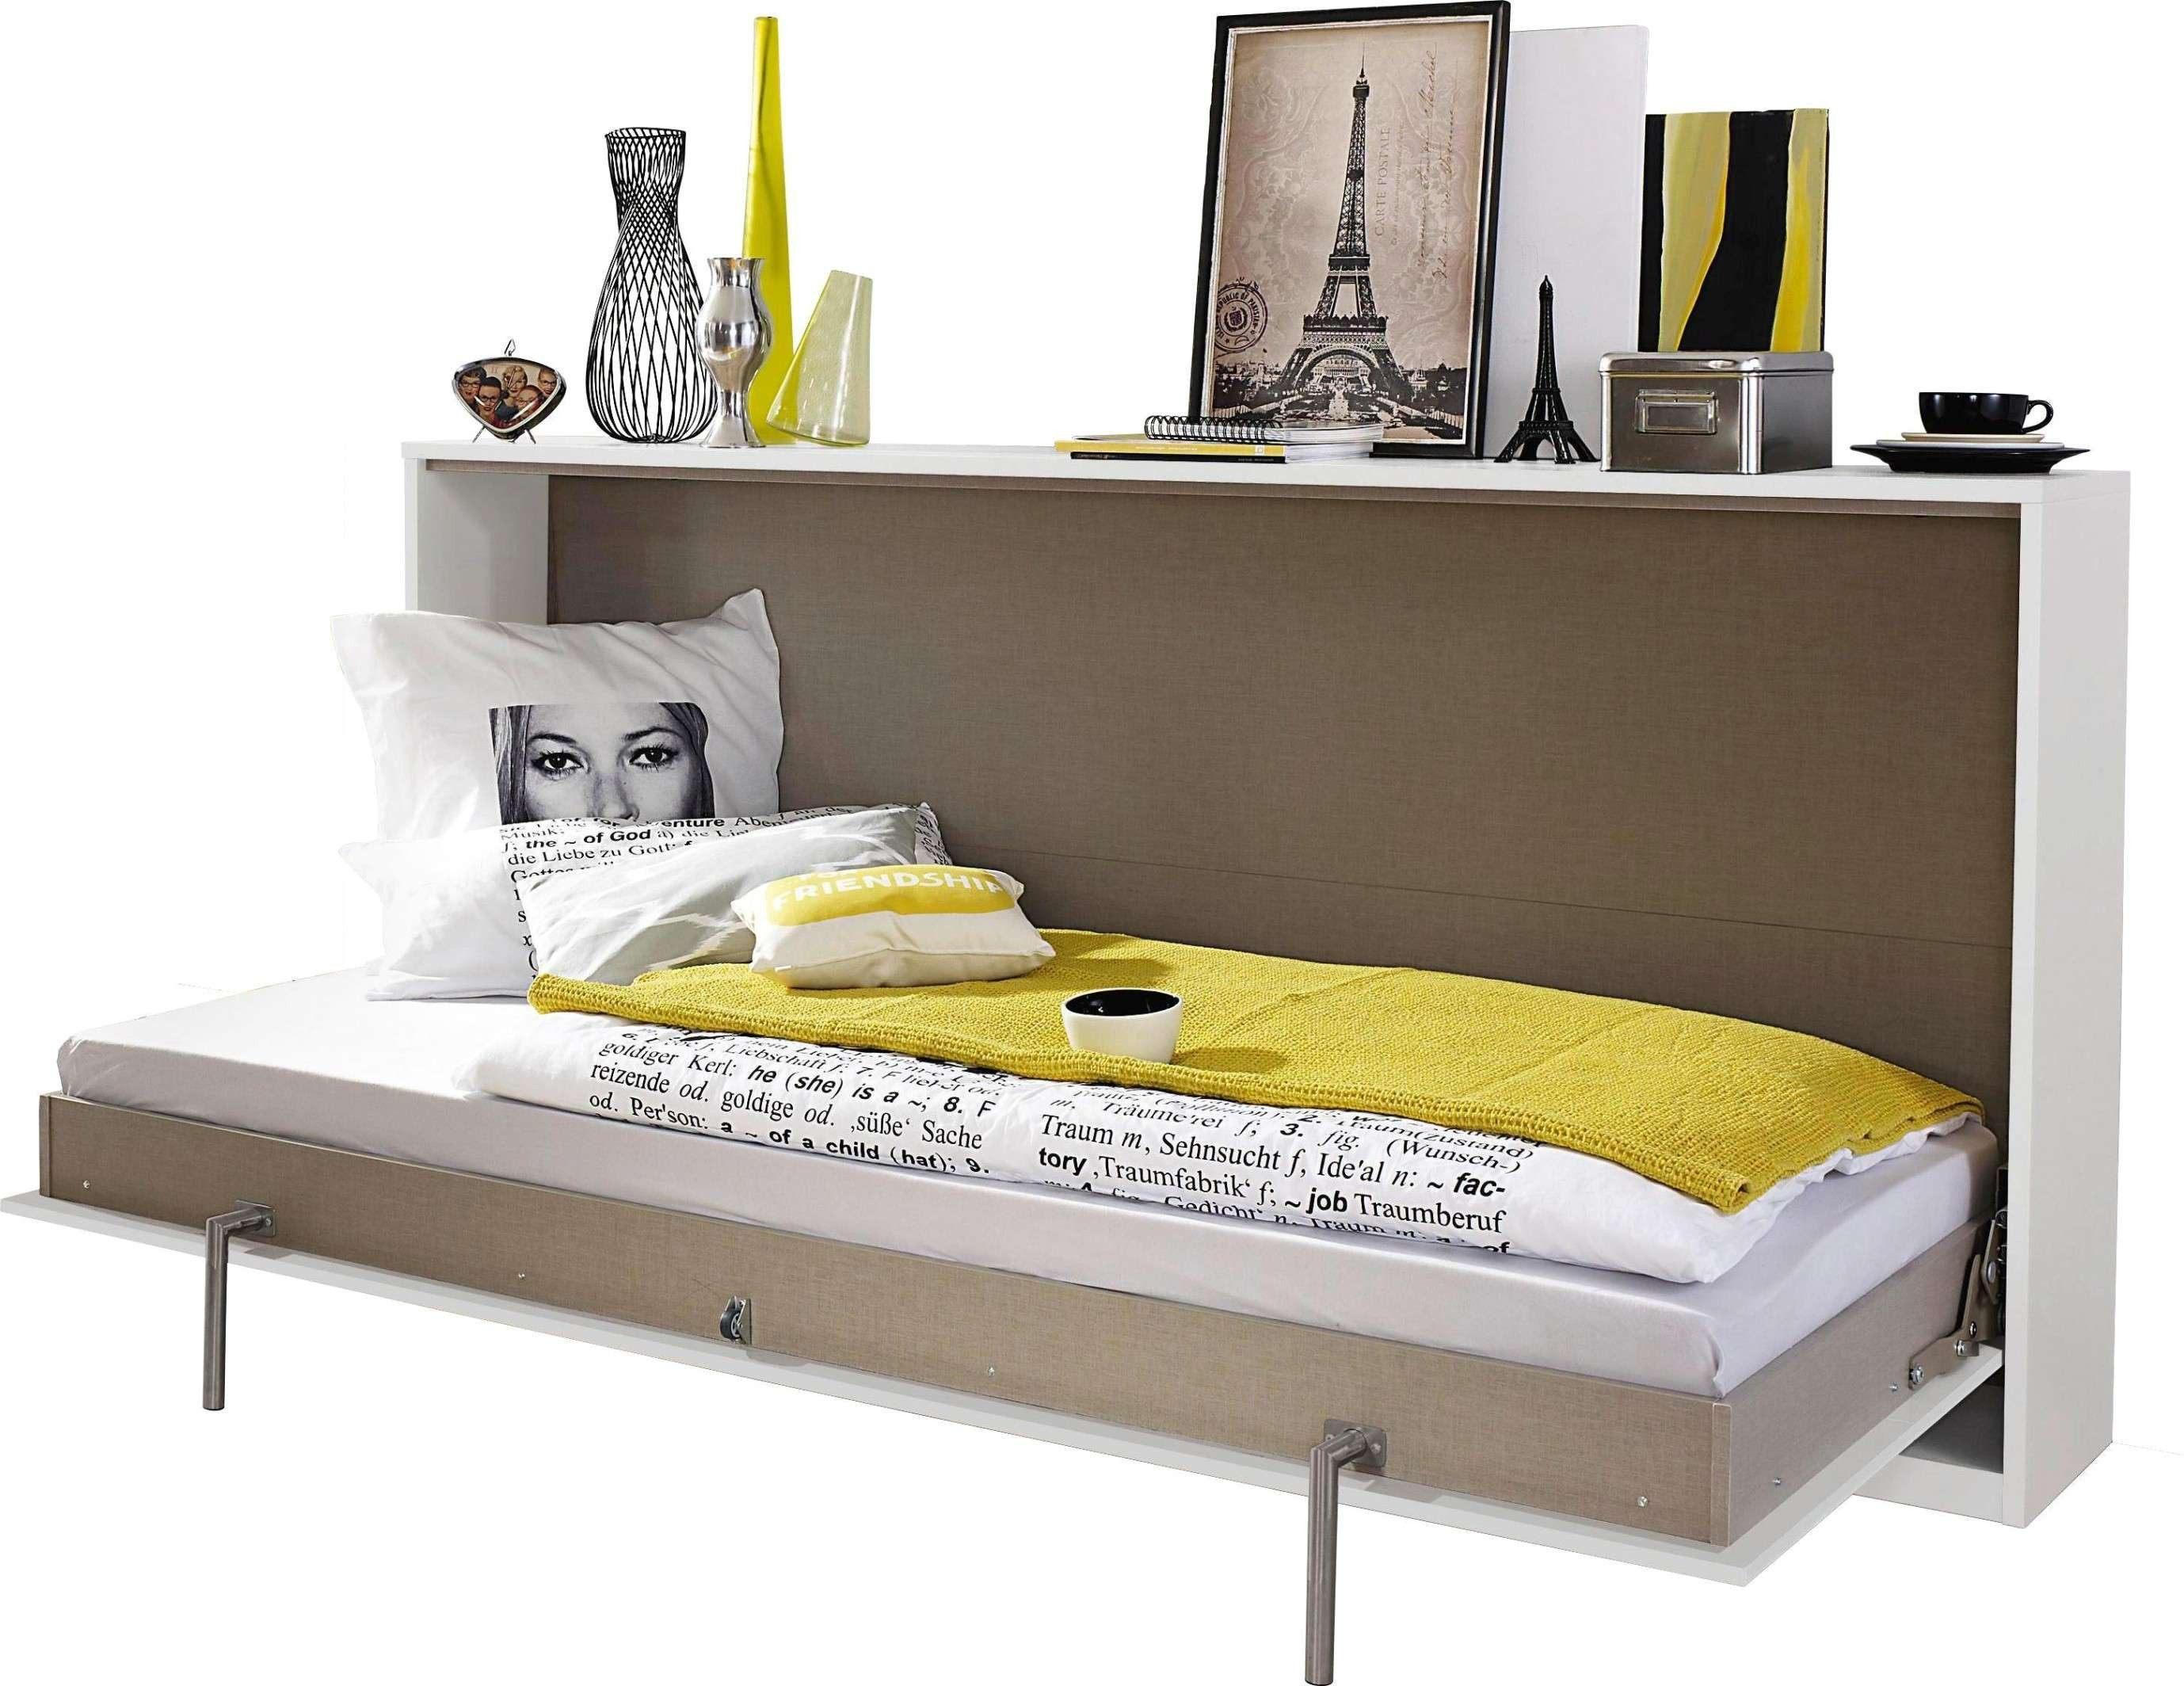 Lit Pliable Ikea Élégant Exceptionnel Lit Armoire Ikea  Lit Gigogne 2 Places Ikea Matelas